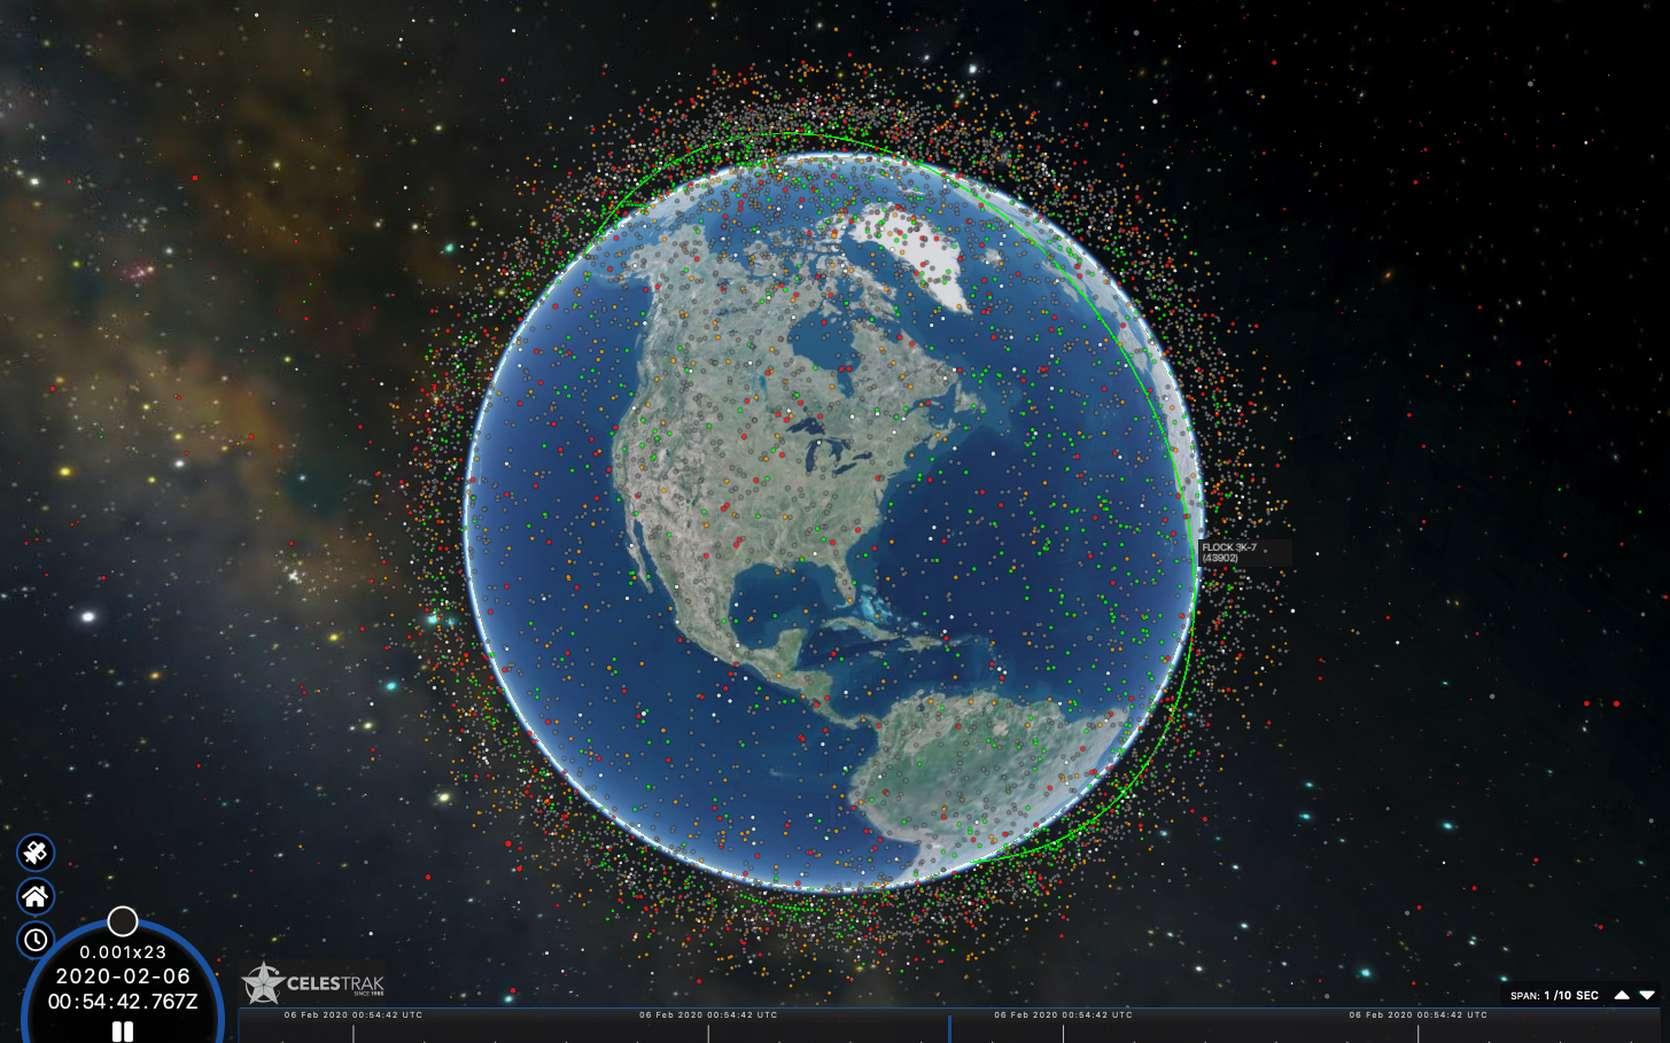 Les milliers de satellites qui gravitent autour de la Terre constituent-ils une manne pour notre patrimoine culturel ? © capture écran celestrak.com